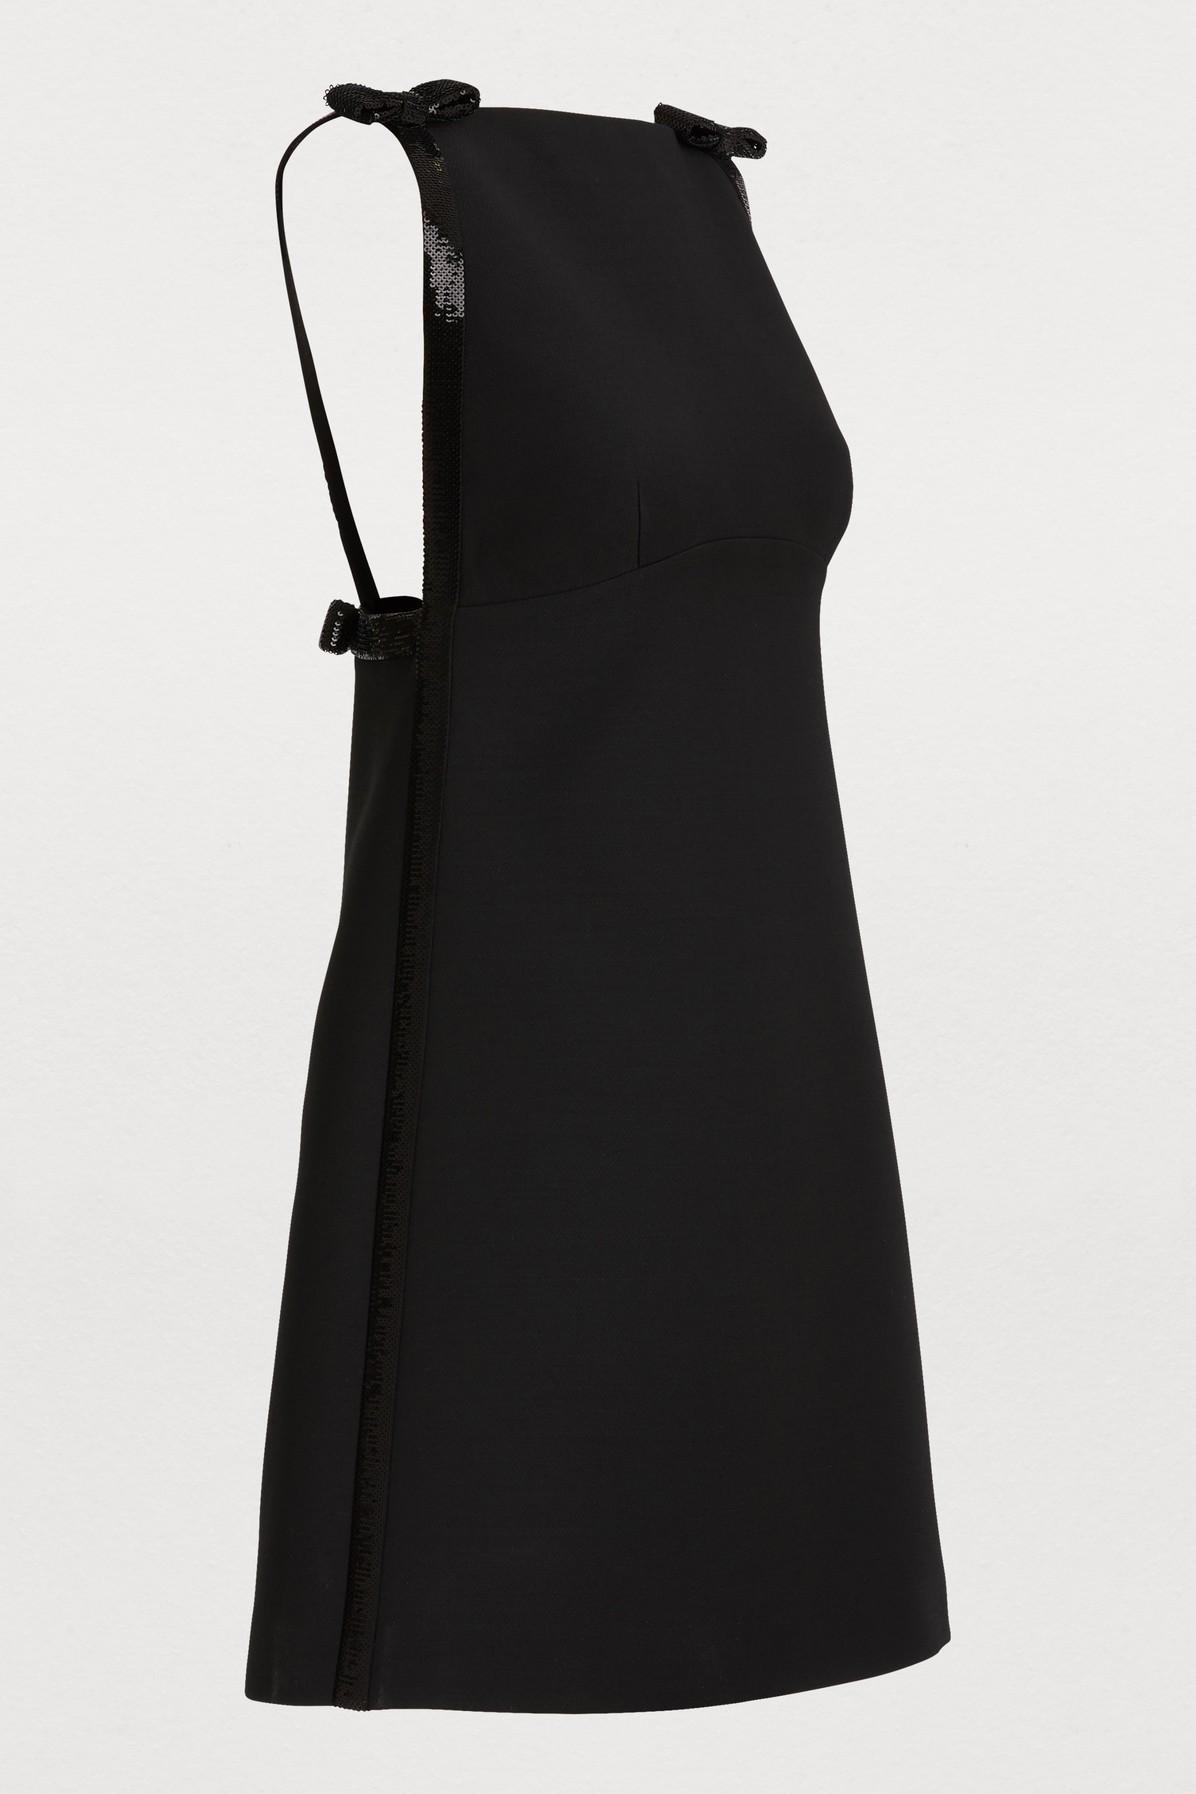 f3062136daf Miu Miu - Black Wool And Silk Mini Dress - Lyst. View fullscreen